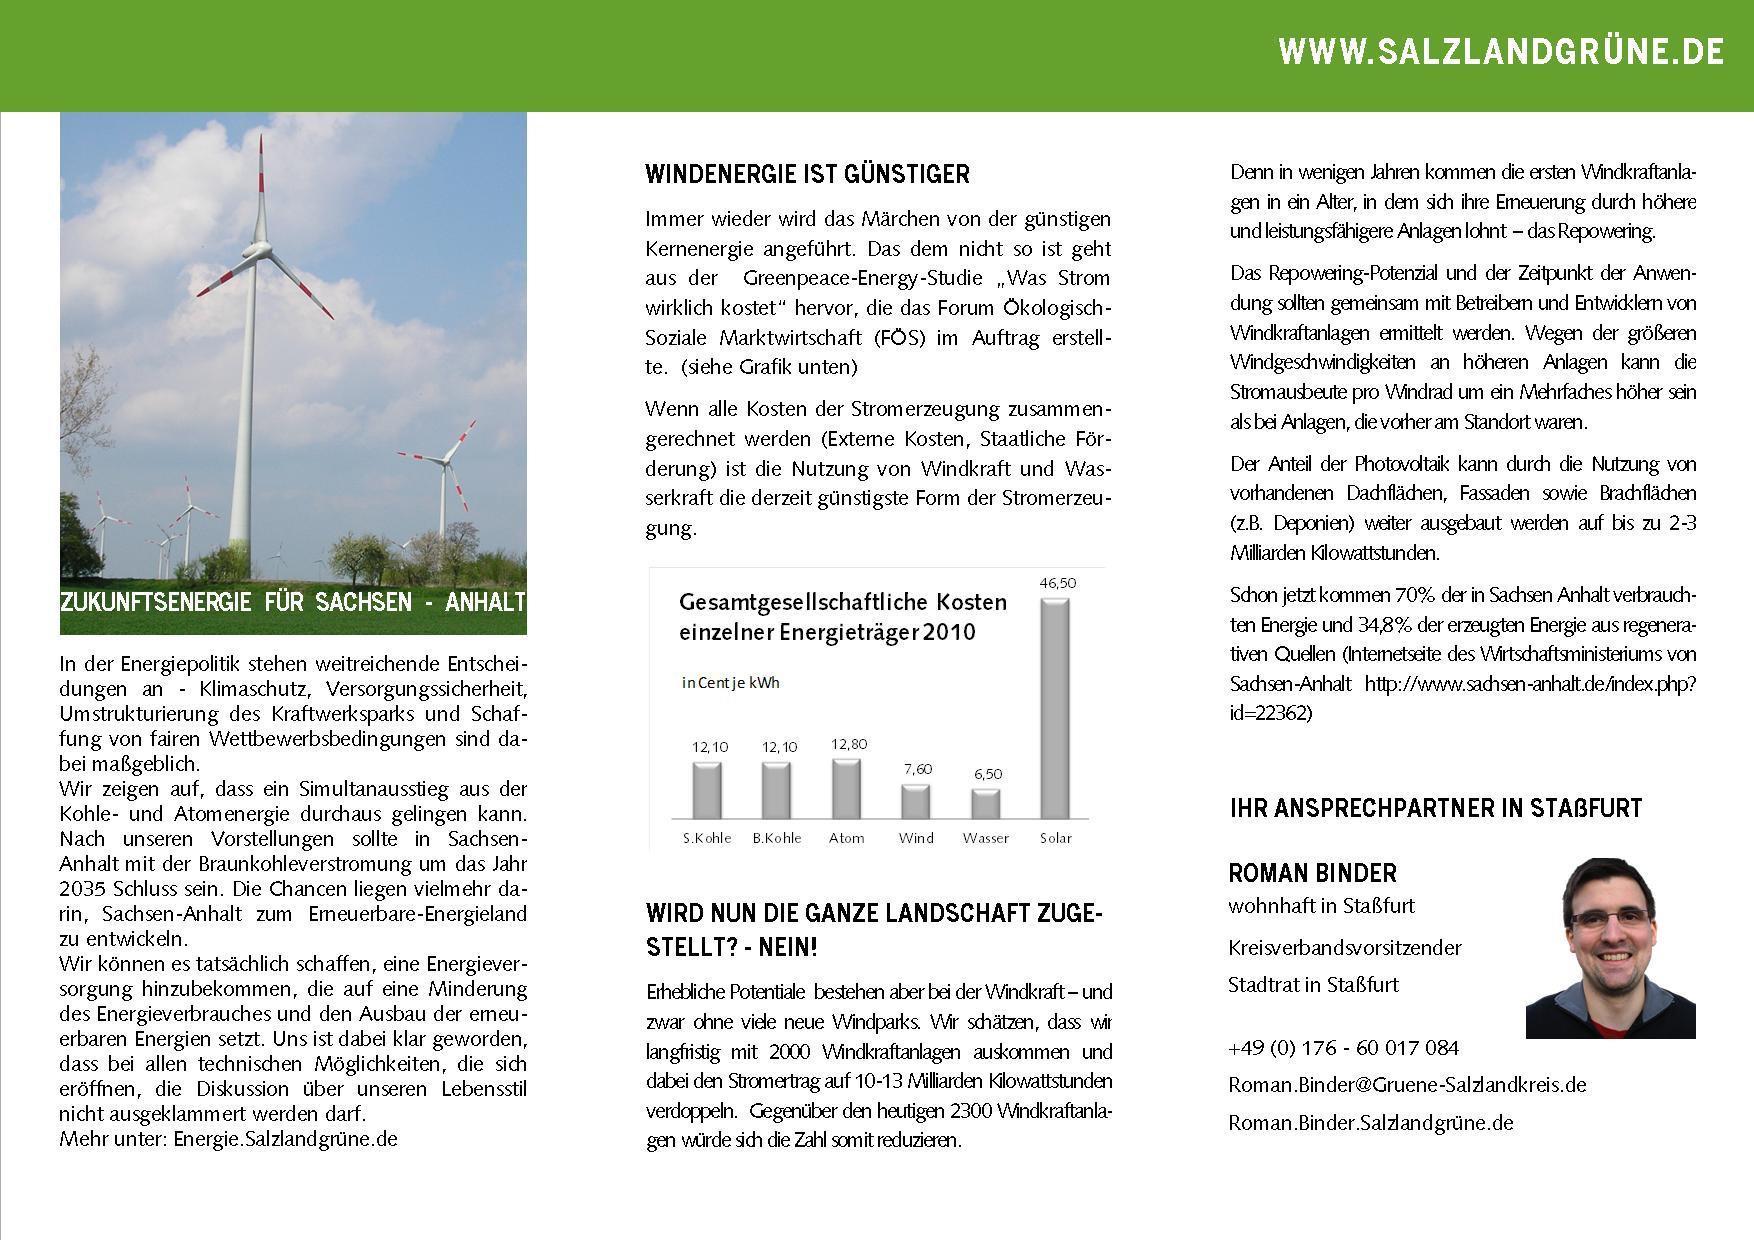 Zukunftsenergie für Sachsen Anhalt